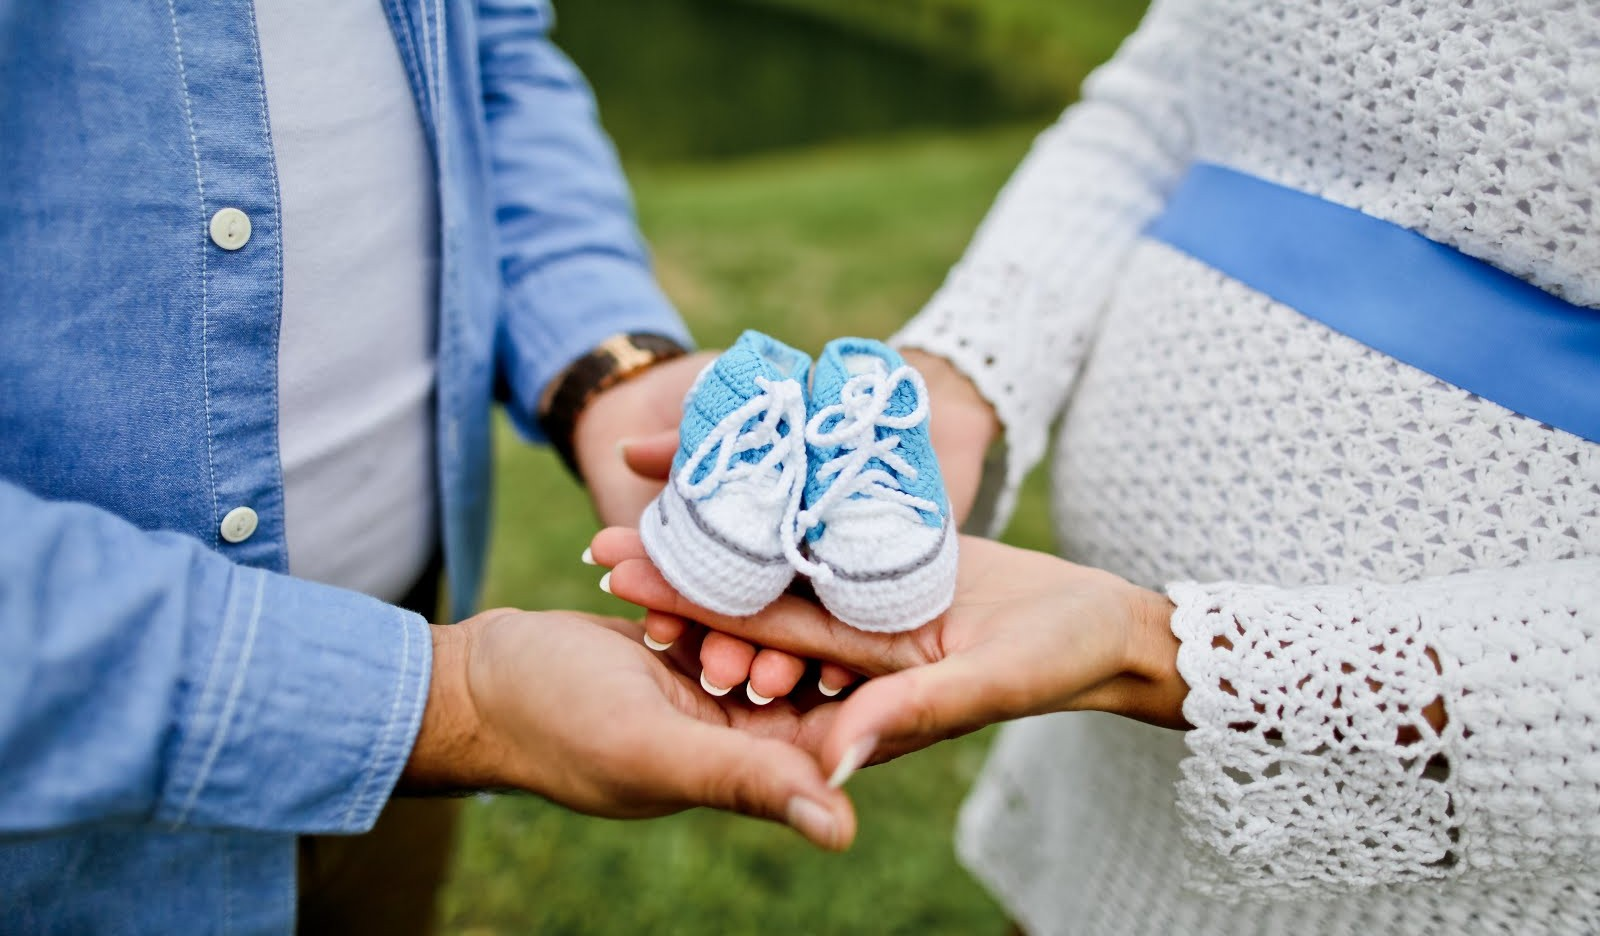 Tüp Bebek Uygulamasında Hamilelik Belirtileri Fark Edilir Mi?